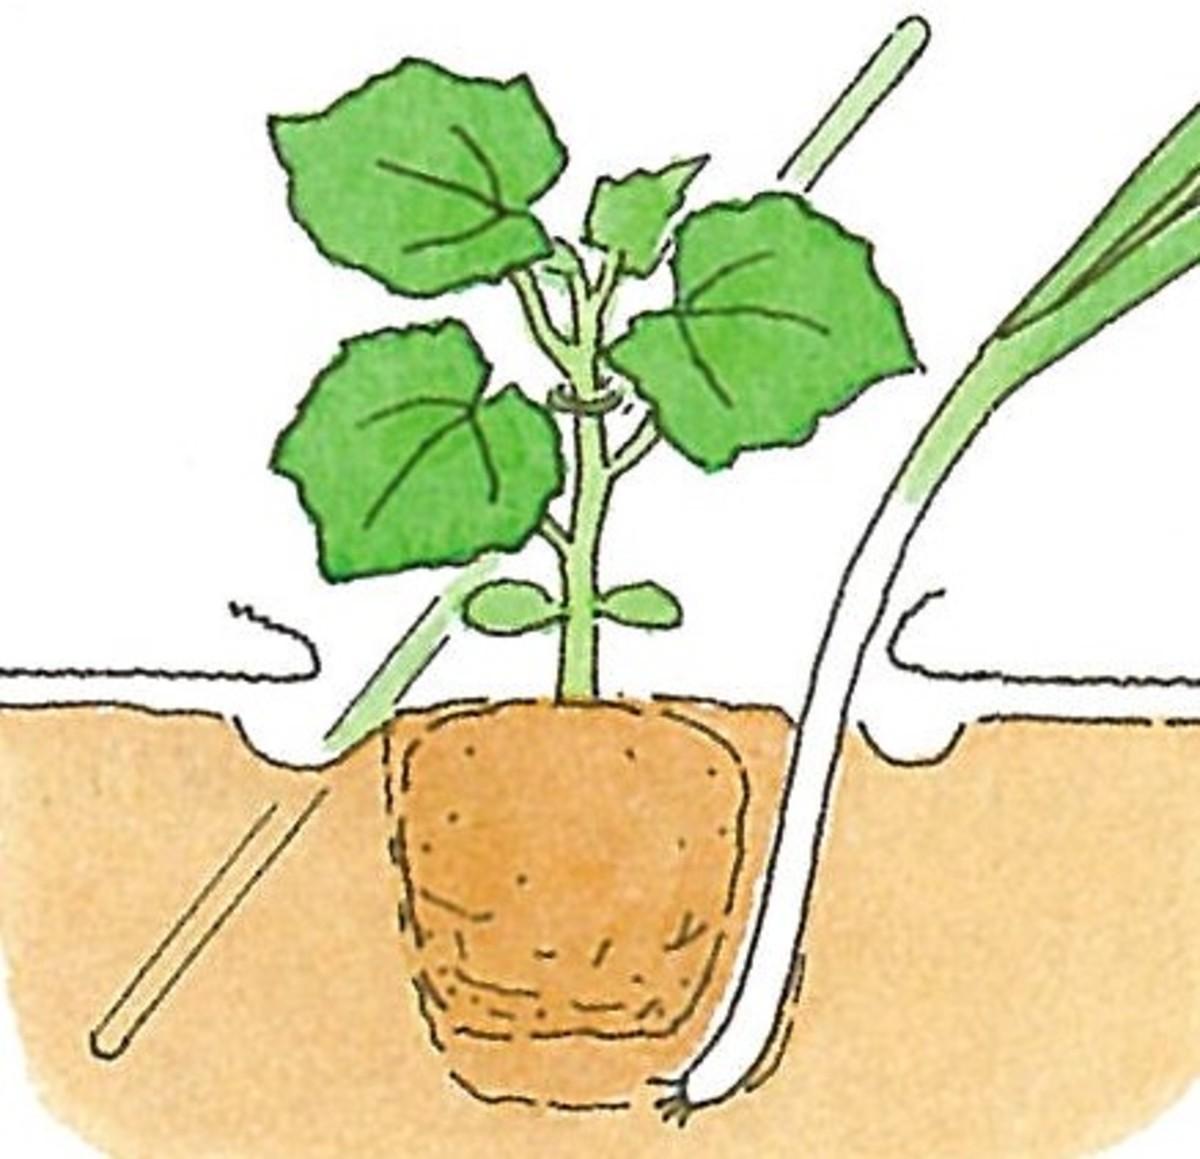 畑で家庭菜園_キュウリの育て方_キュウリとネギのコンパニオンプランツ